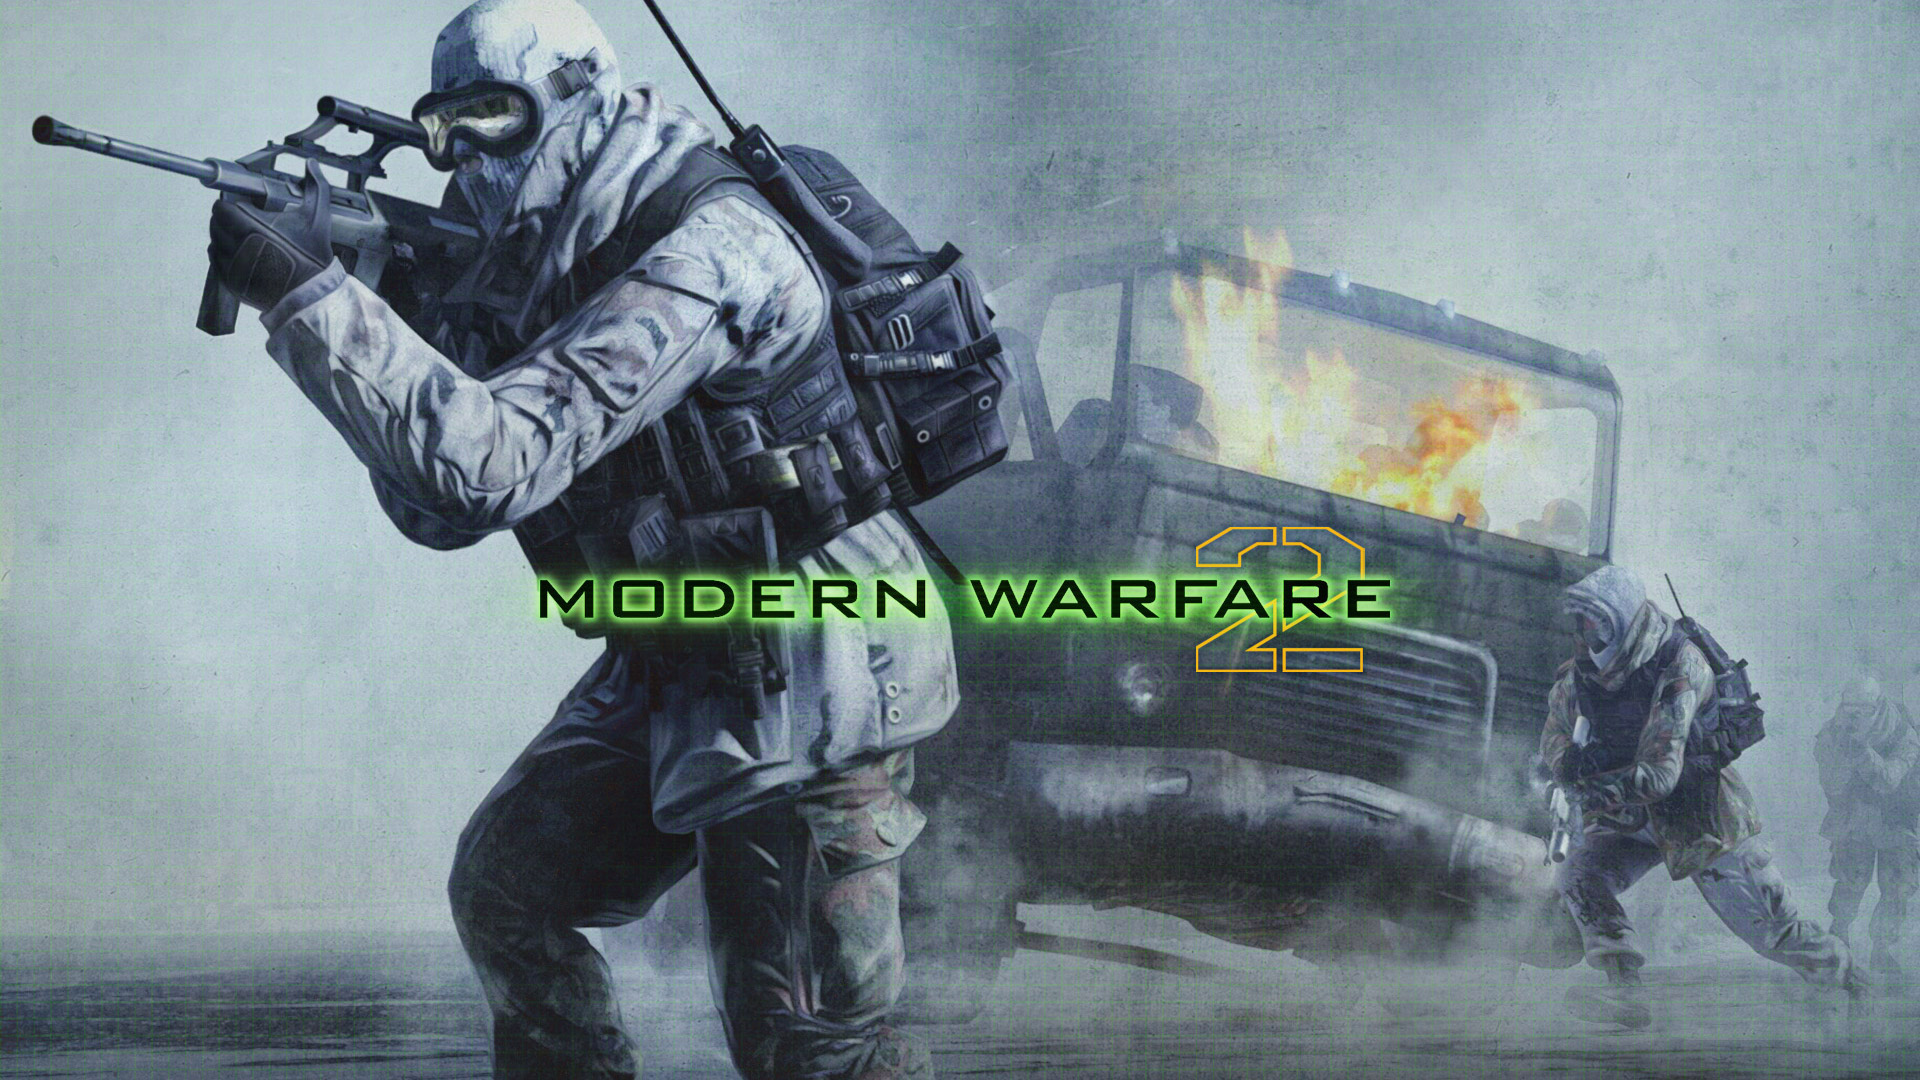 Free Call of Duty: Modern Warfare 2 Wallpaper in 1920x1080